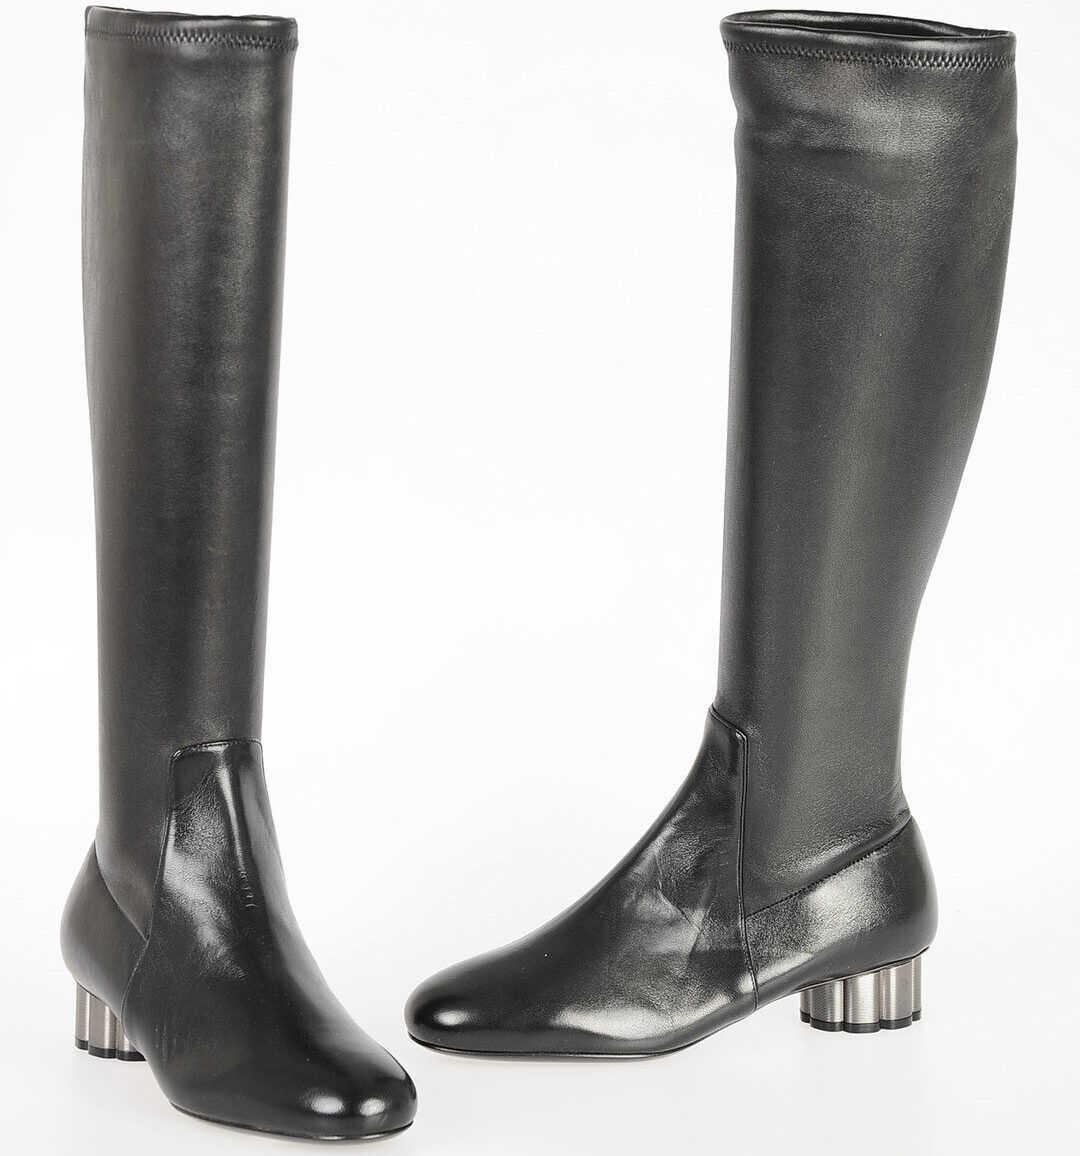 Salvatore Ferragamo Leather Boots BLACK